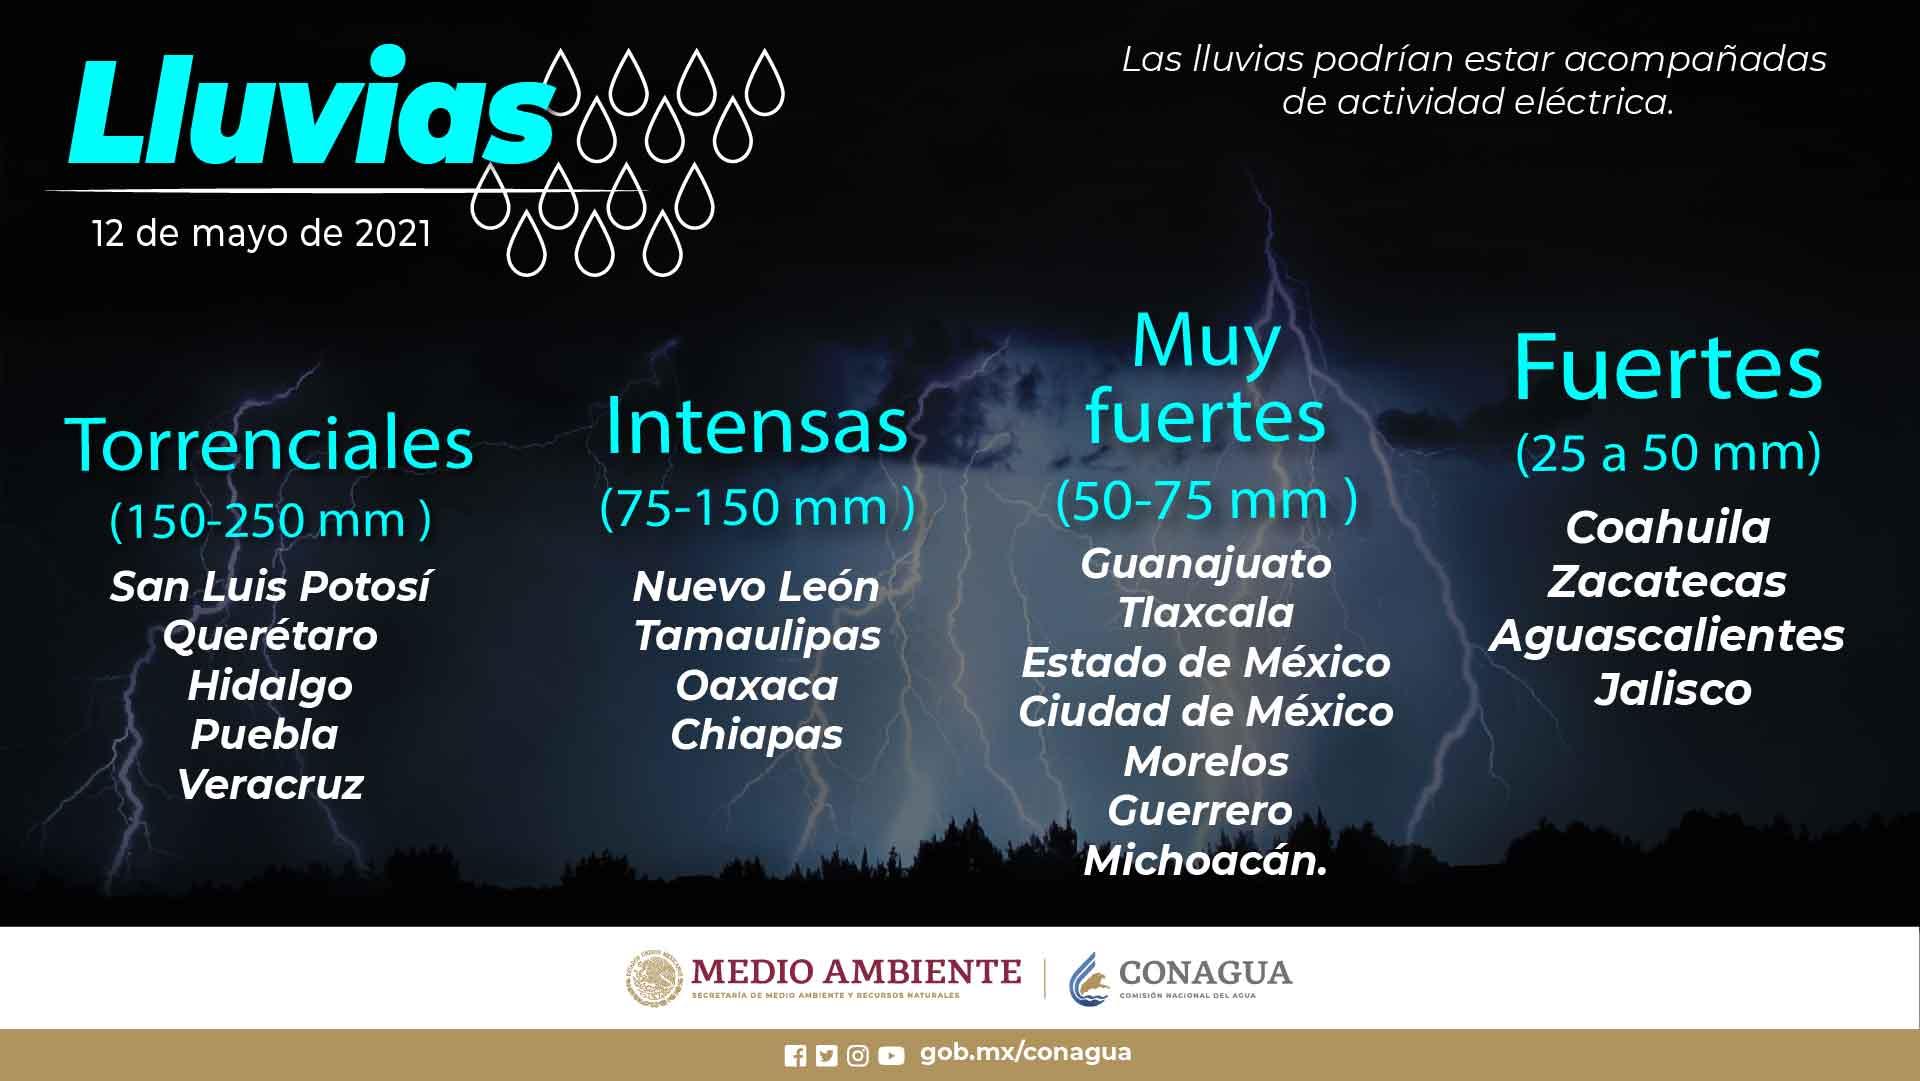 Continuarán las lluvias paraTlaxcala el dia de hoy